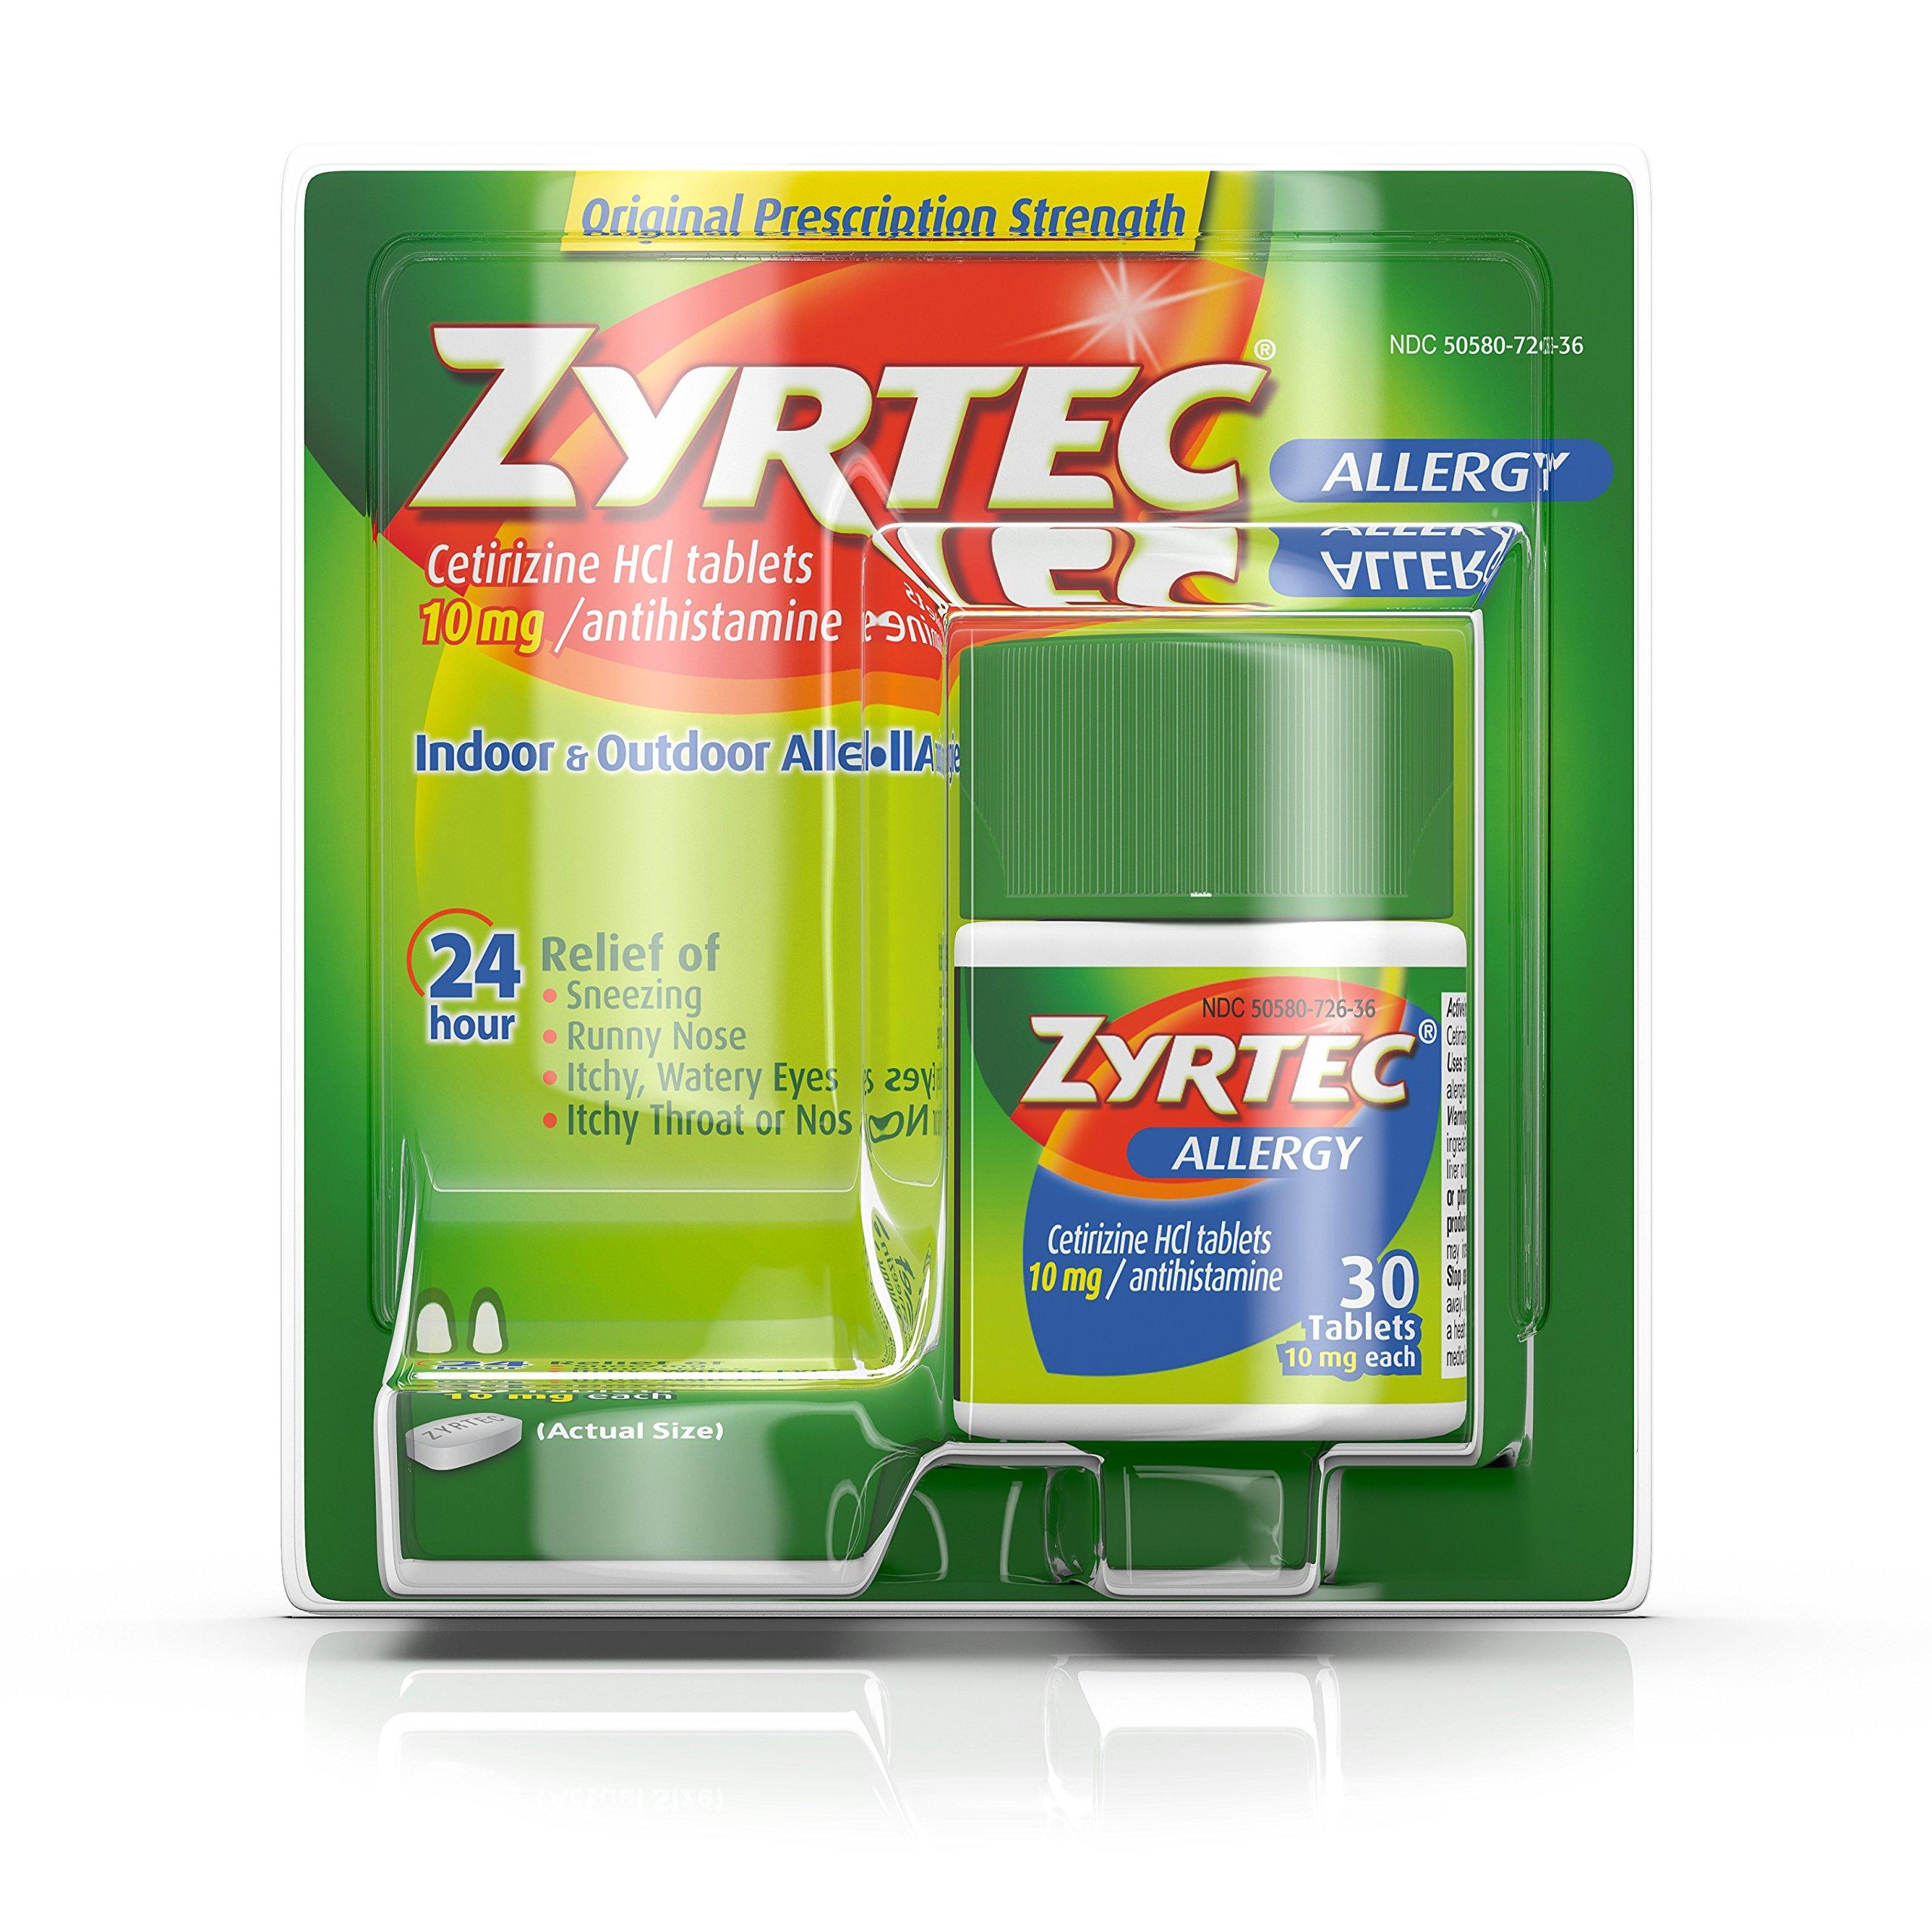 Buy Zyrtec Now!